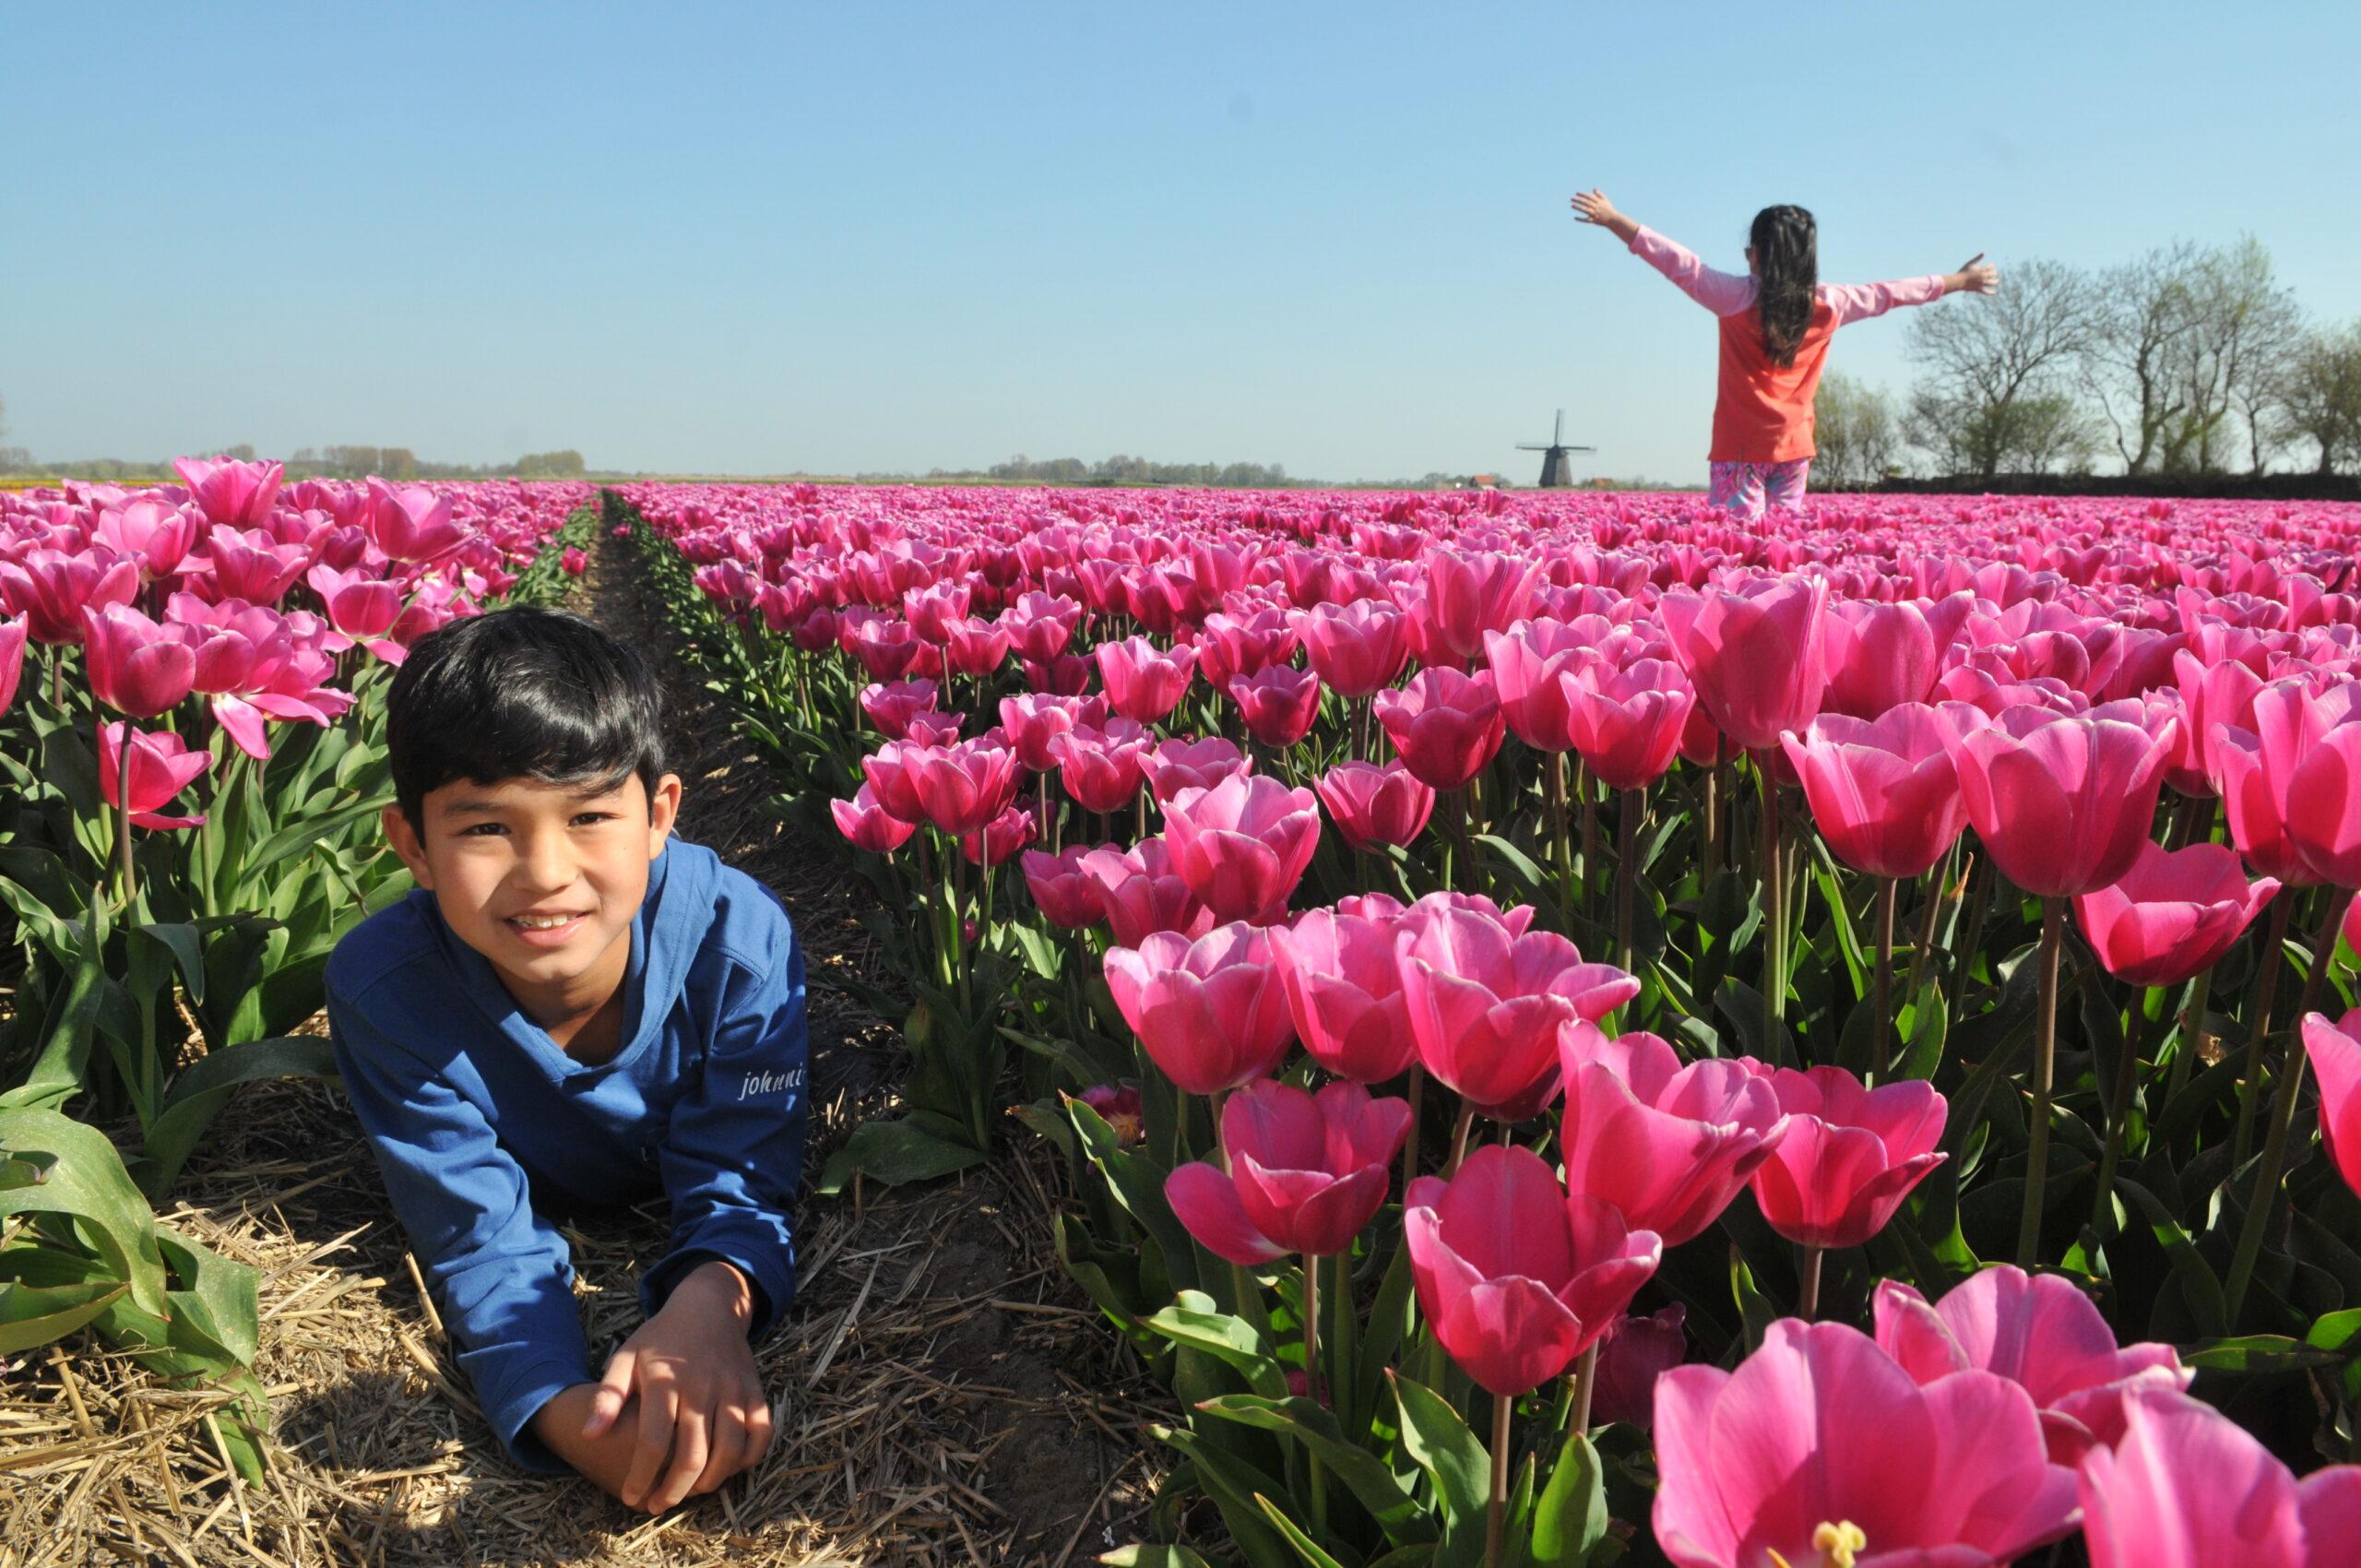 Kids in Dutch tulip fields by Amsterdam photographer Tom van der Leij